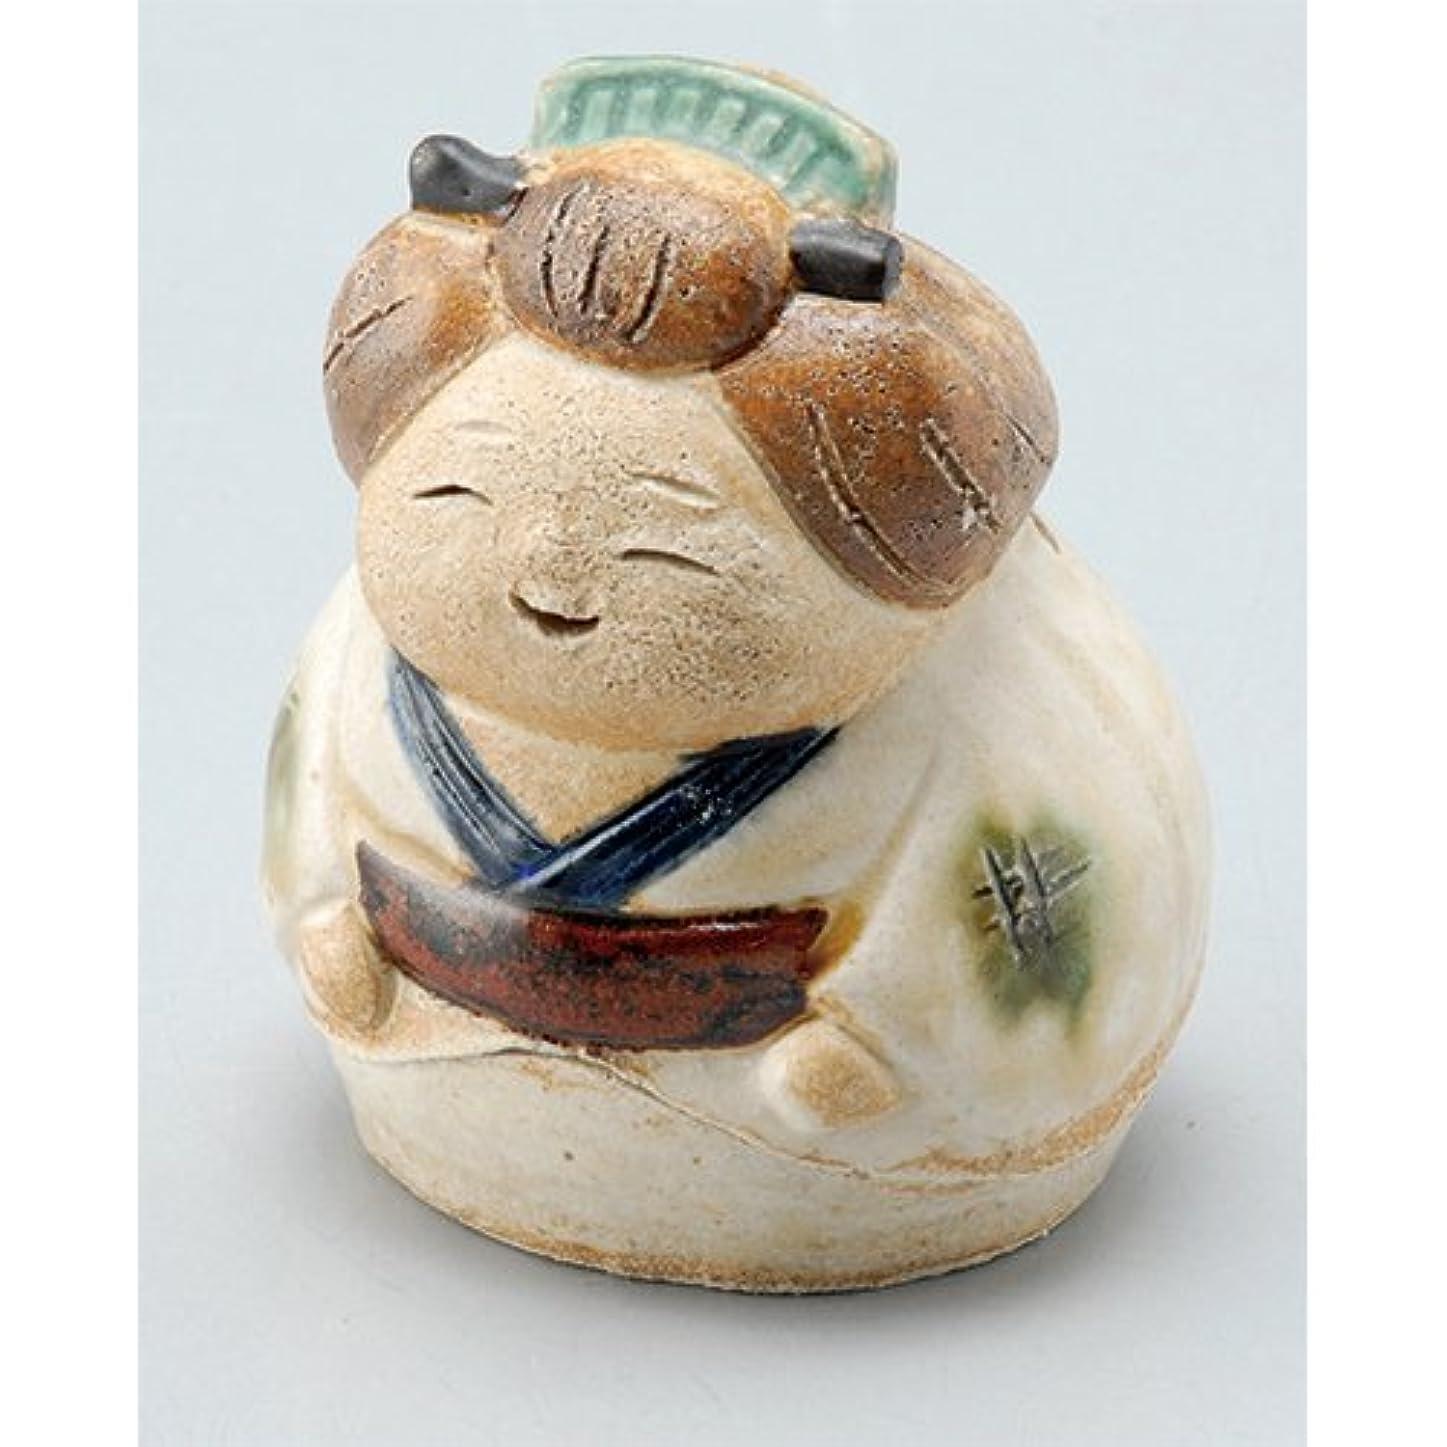 問い合わせ牧草地うめき香炉 飾り香炉(お多福) [H7cm] HANDMADE プレゼント ギフト 和食器 かわいい インテリア